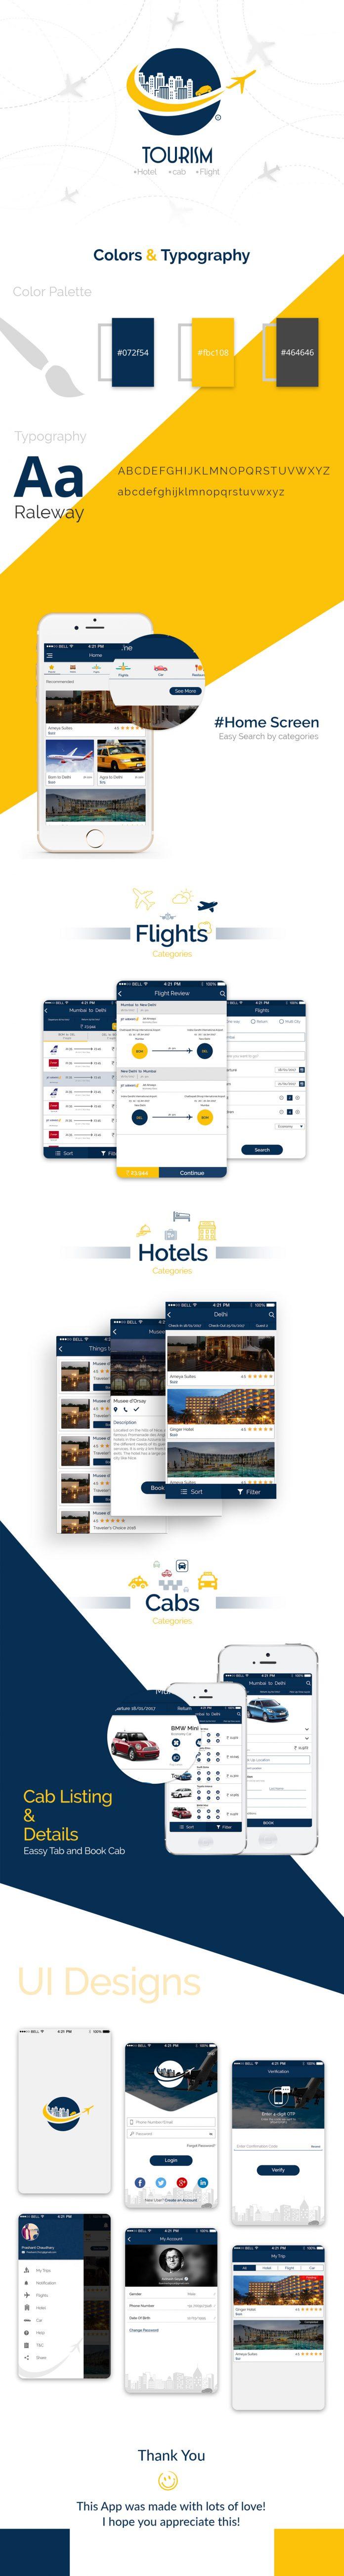 Tourism App